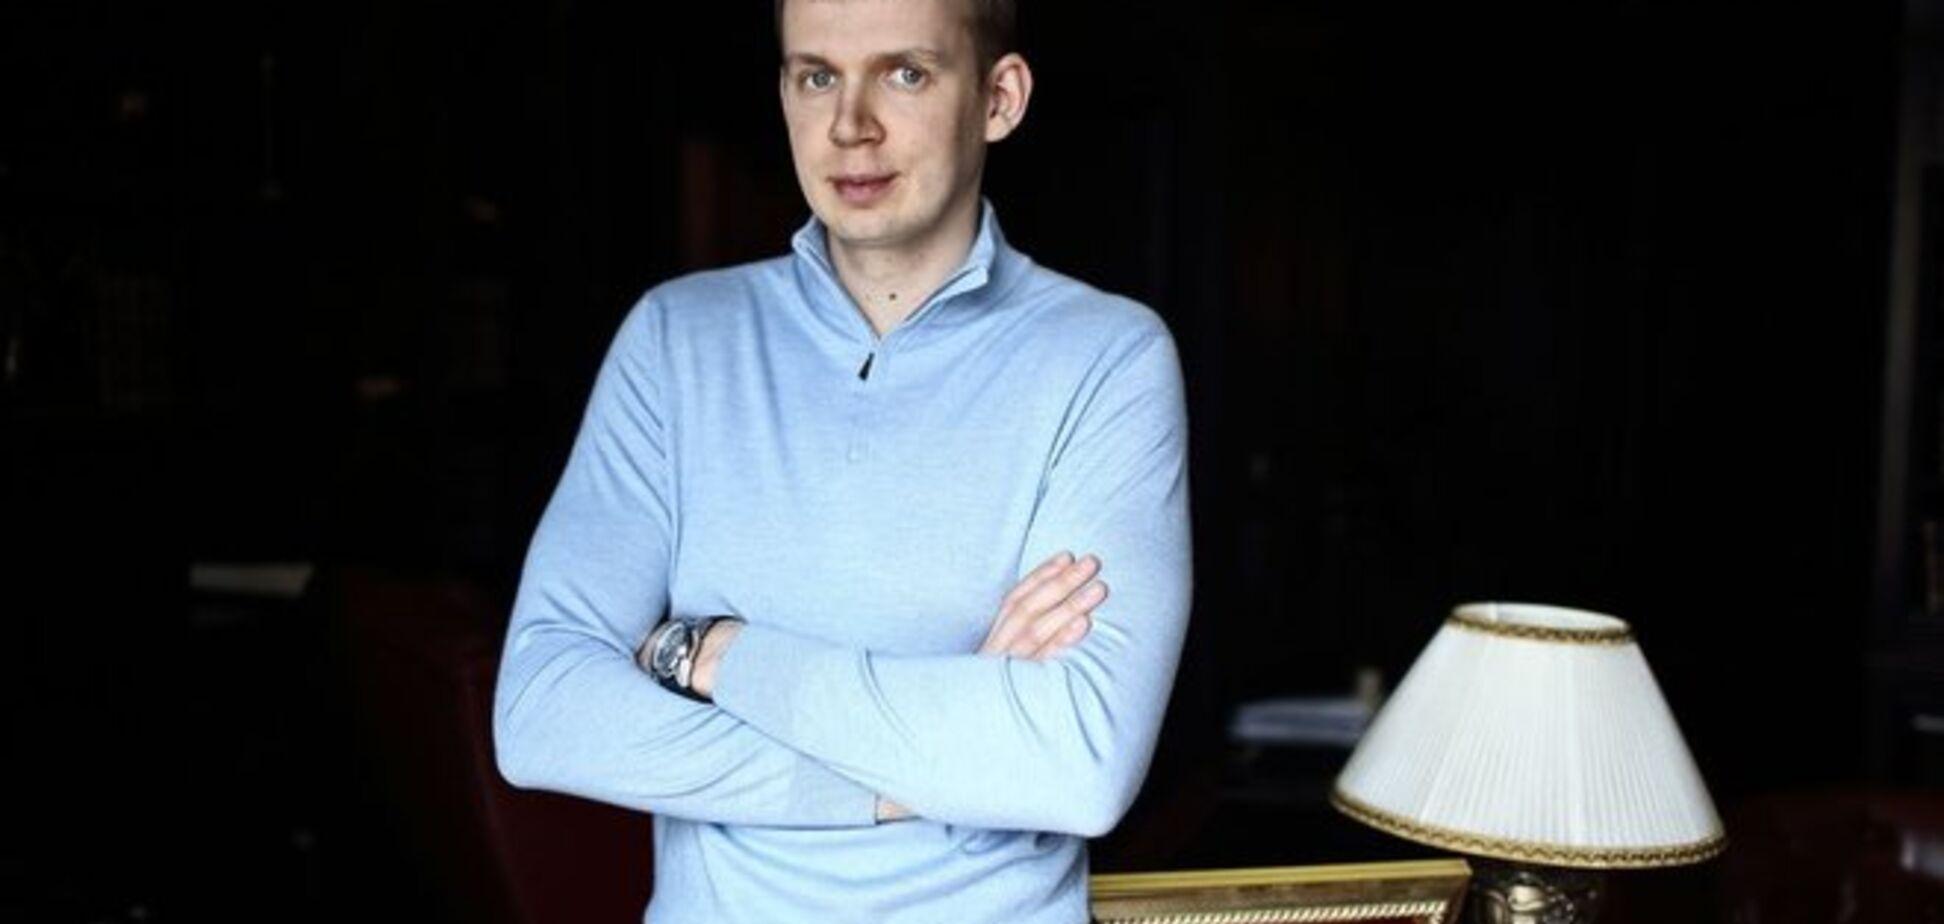 Курченко похвалился, что его активы не арестованы, и уголовных дел против него нет